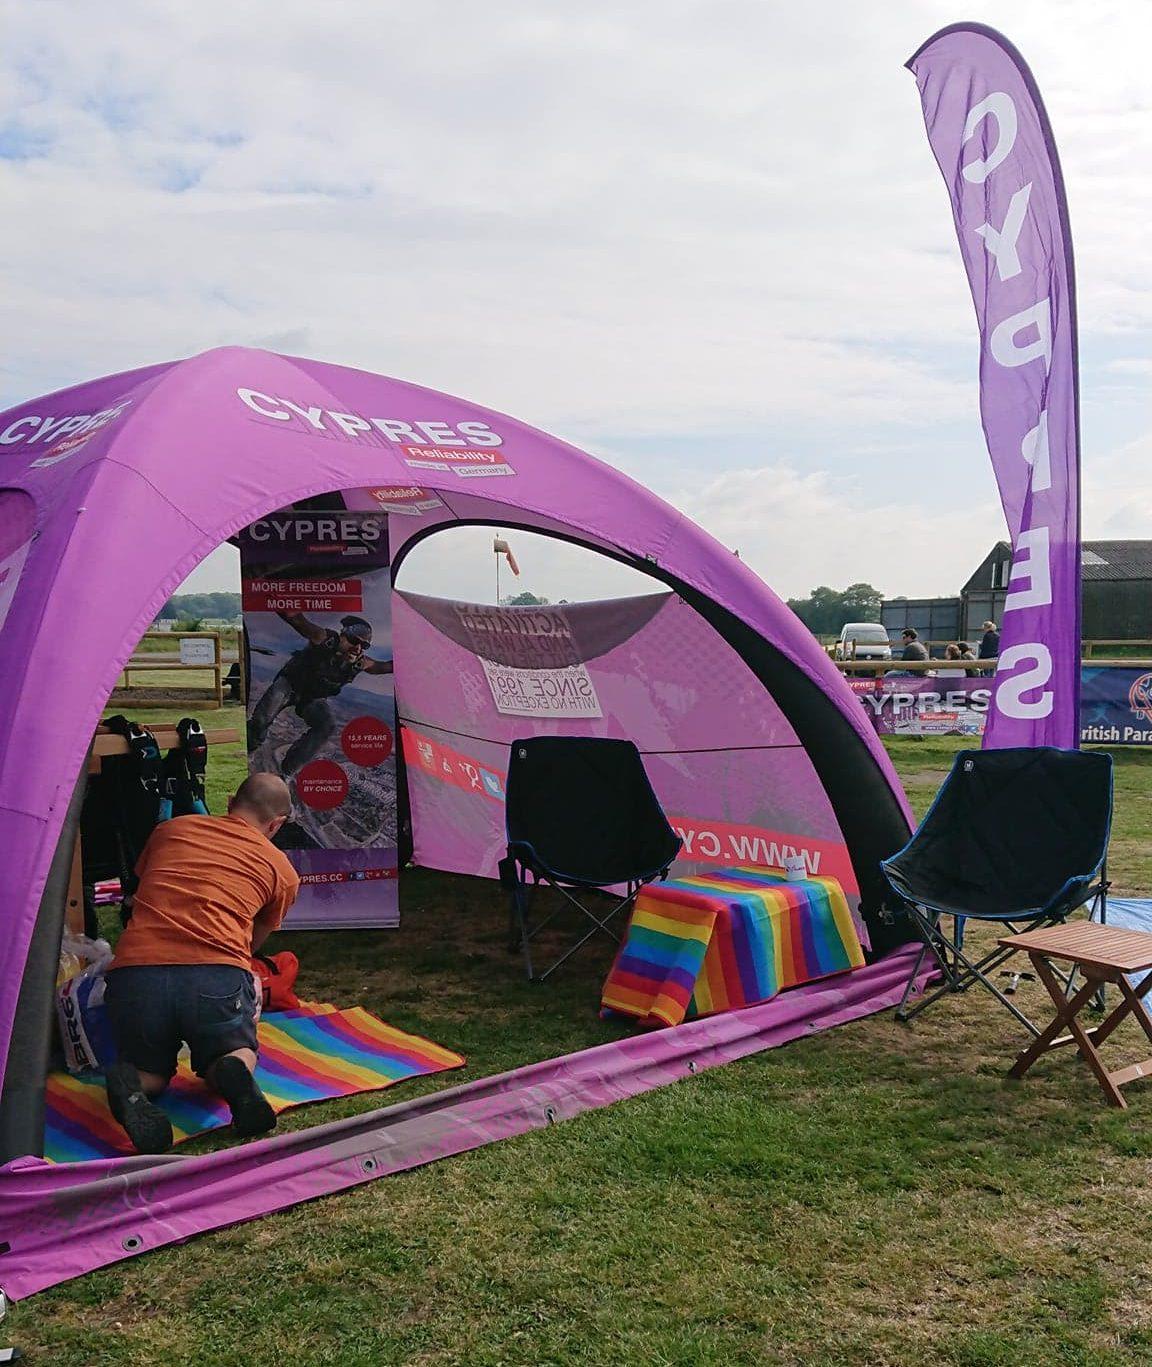 CYPRES Tent